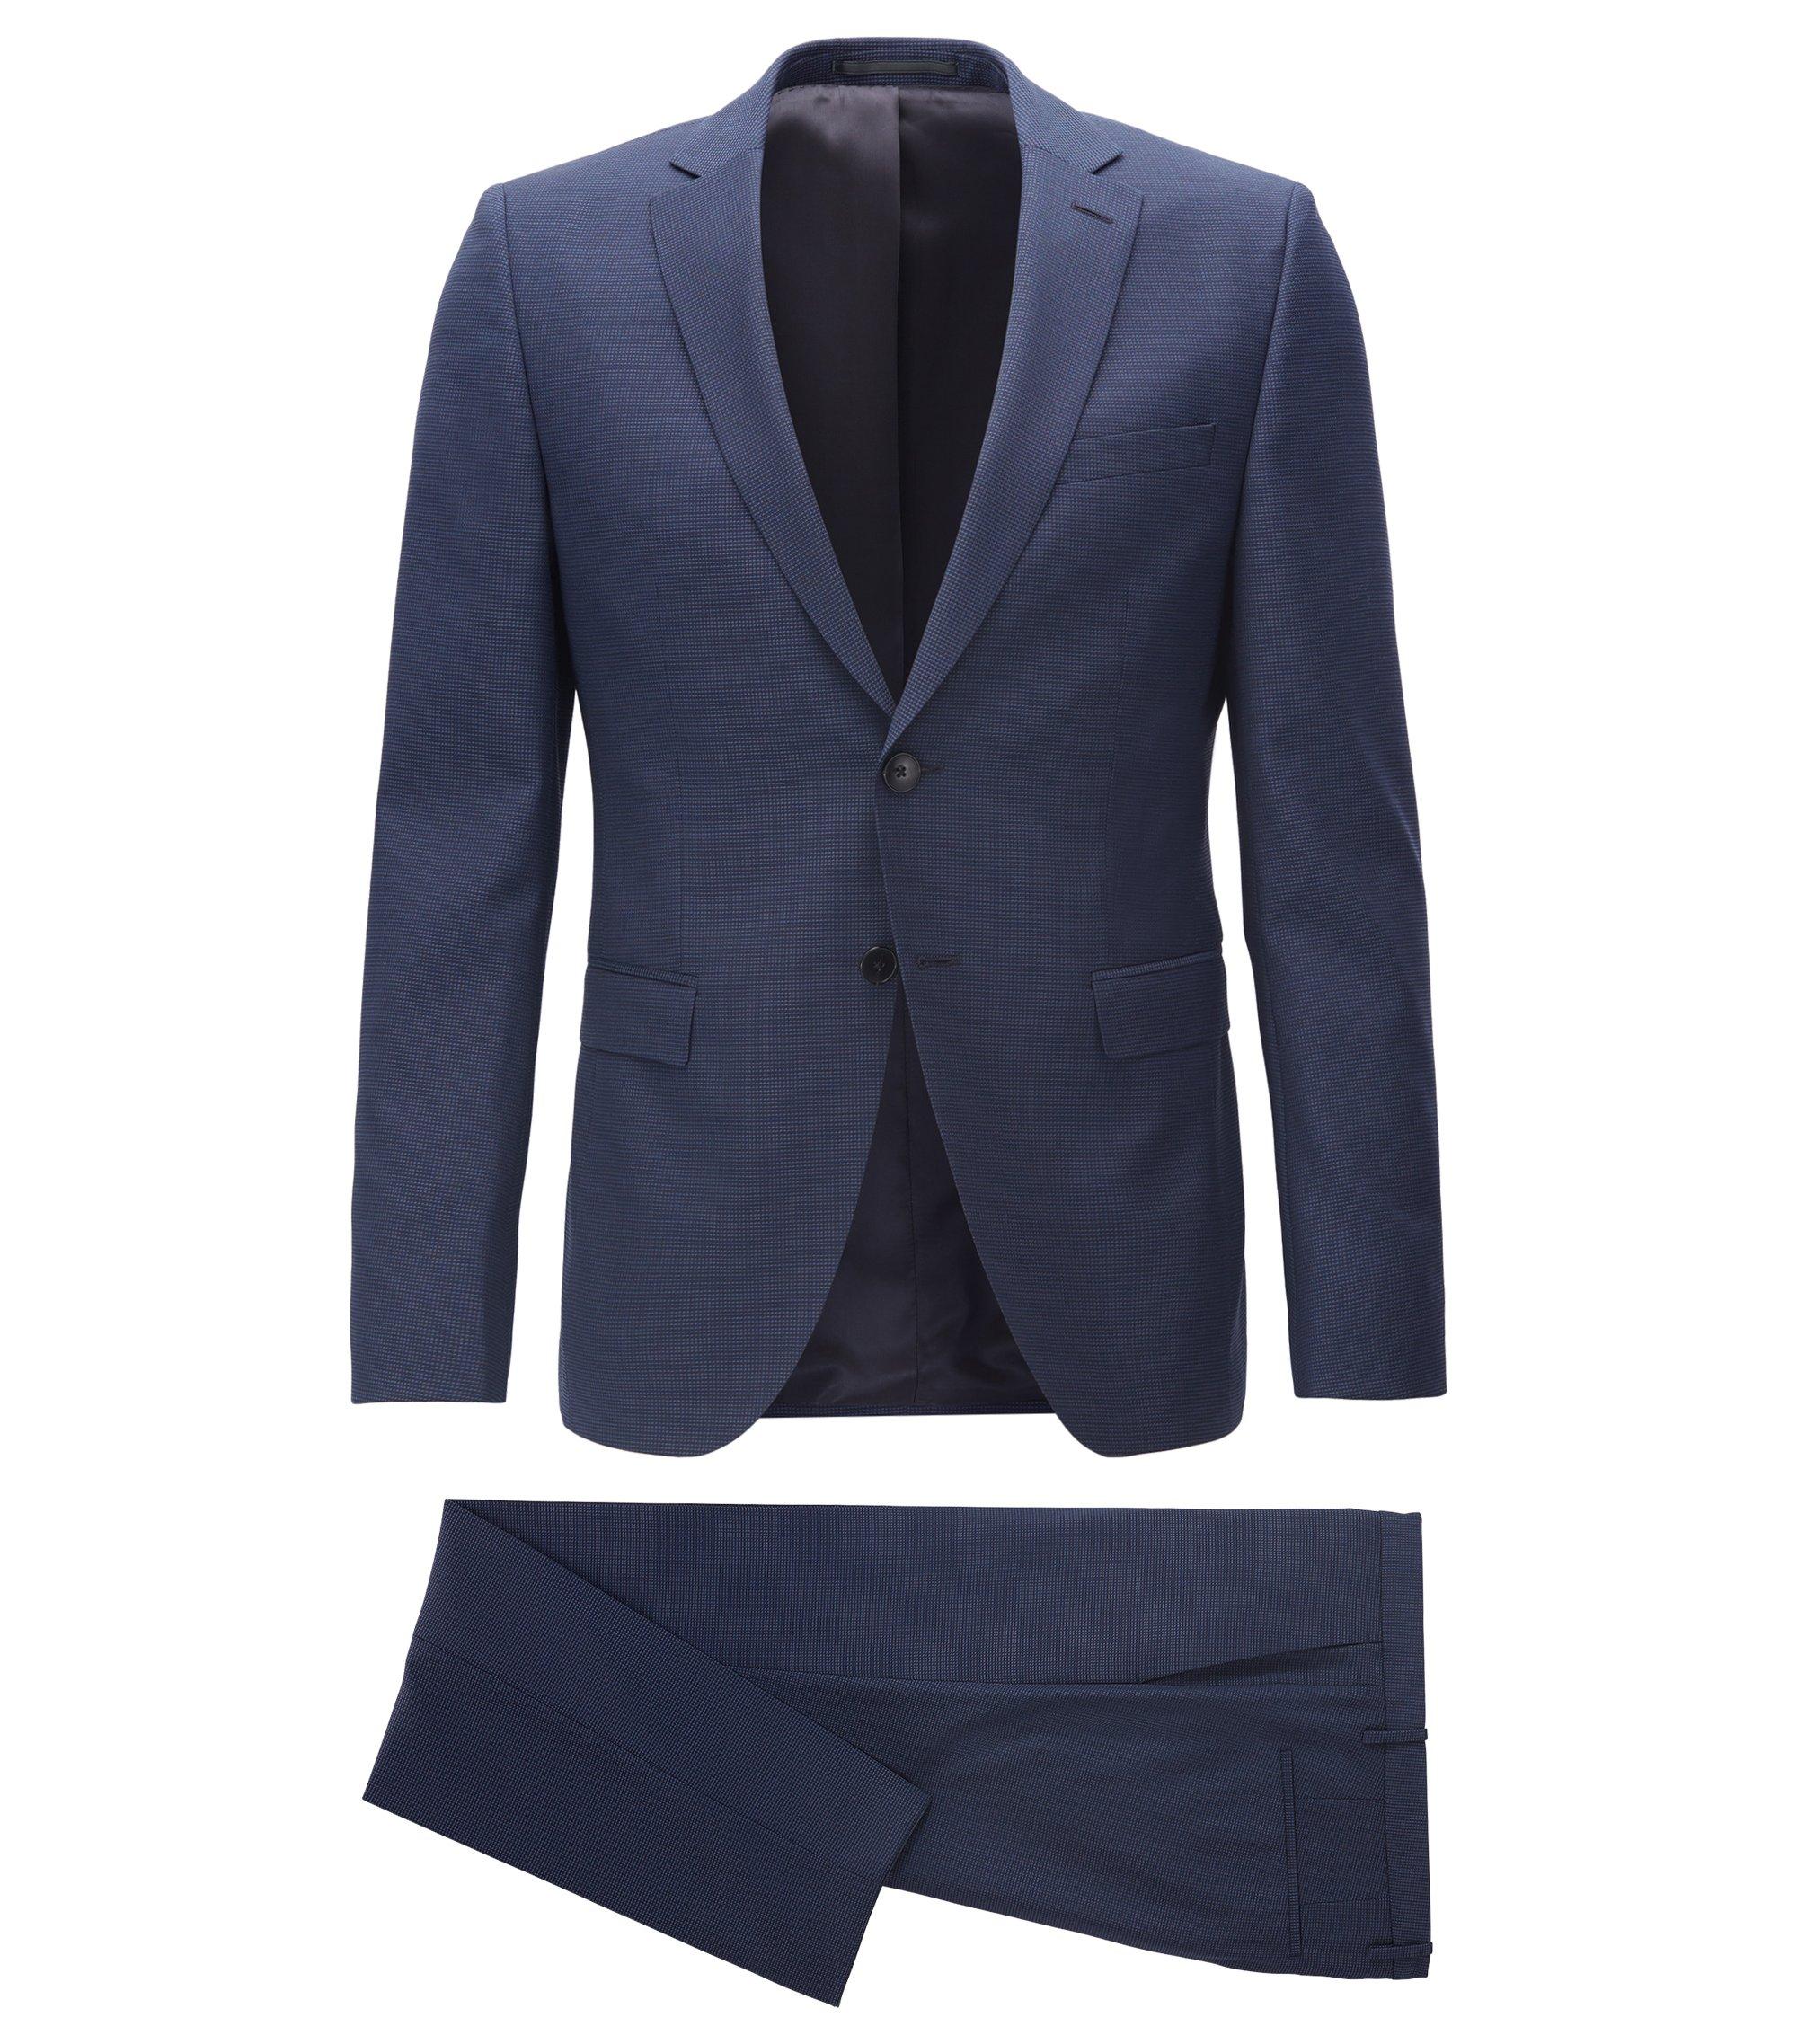 Costume Extra Slim Fit en laine vierge à carreaux unis, Bleu foncé